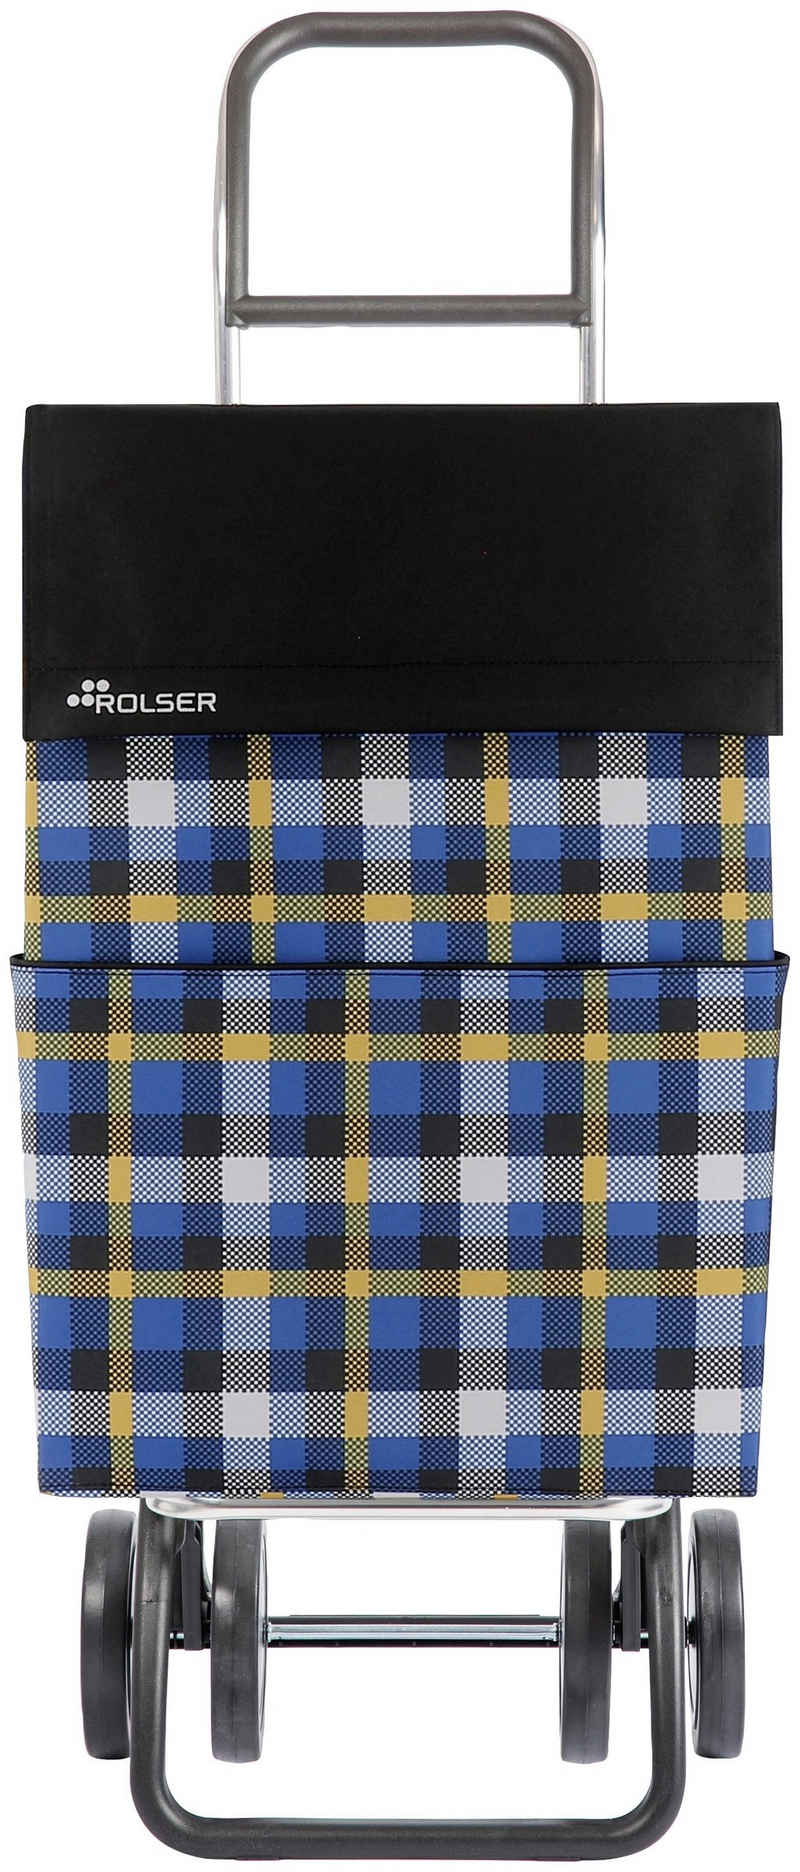 Rolser Einkaufstrolley »DOS+2 DML Scottish«, 43 l, in verschiedenen Farben, Max. Tragkraft: 40 kg, Tasche abnehmbar